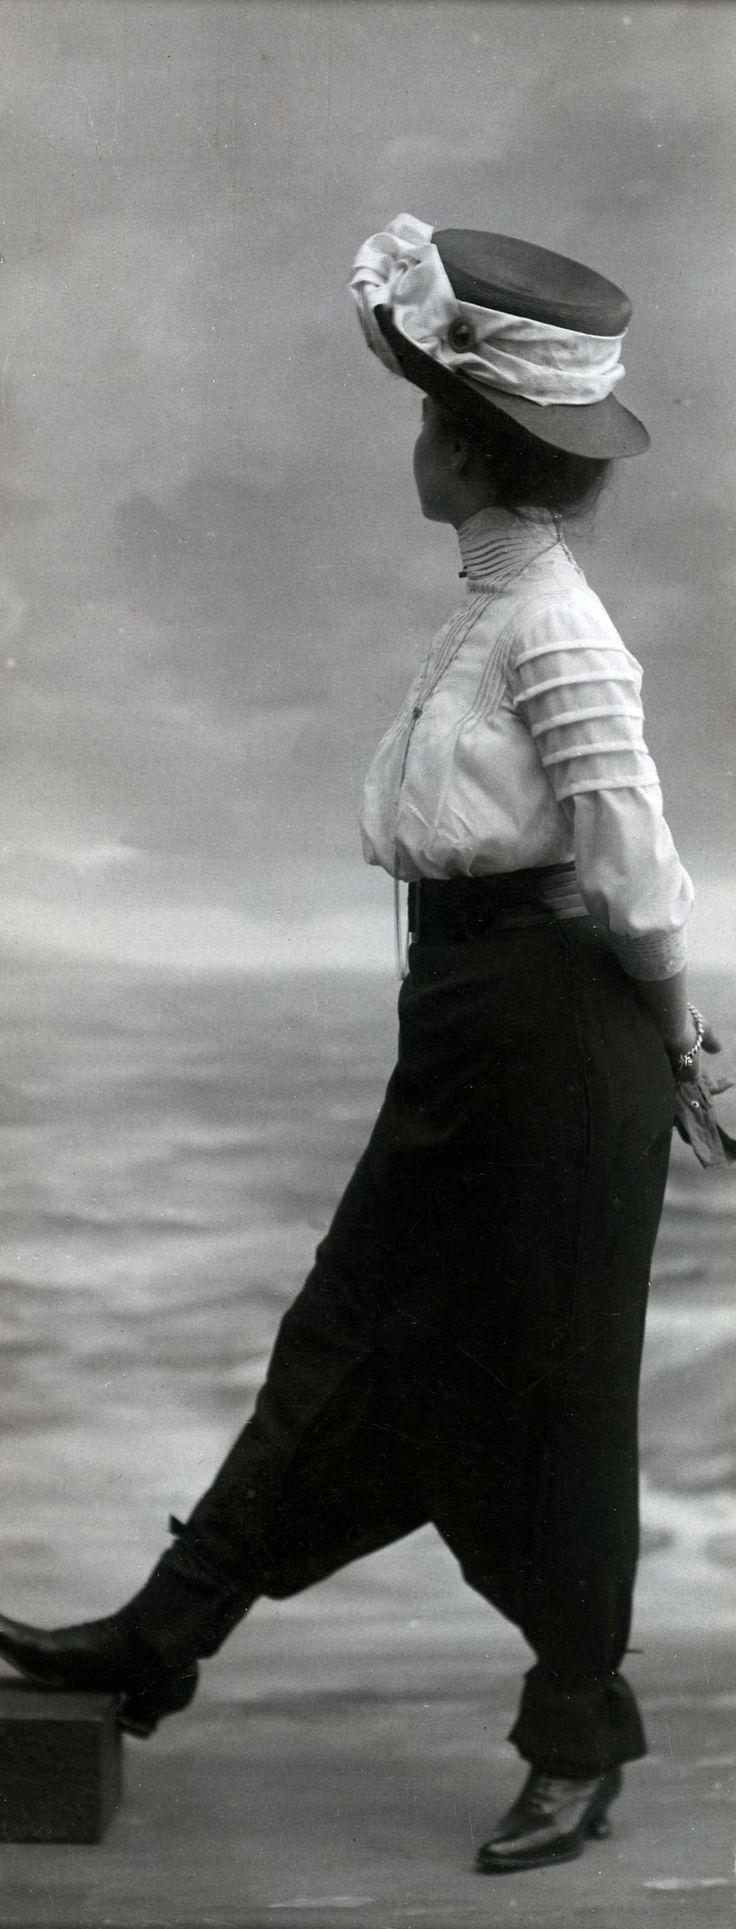 191102.jpg